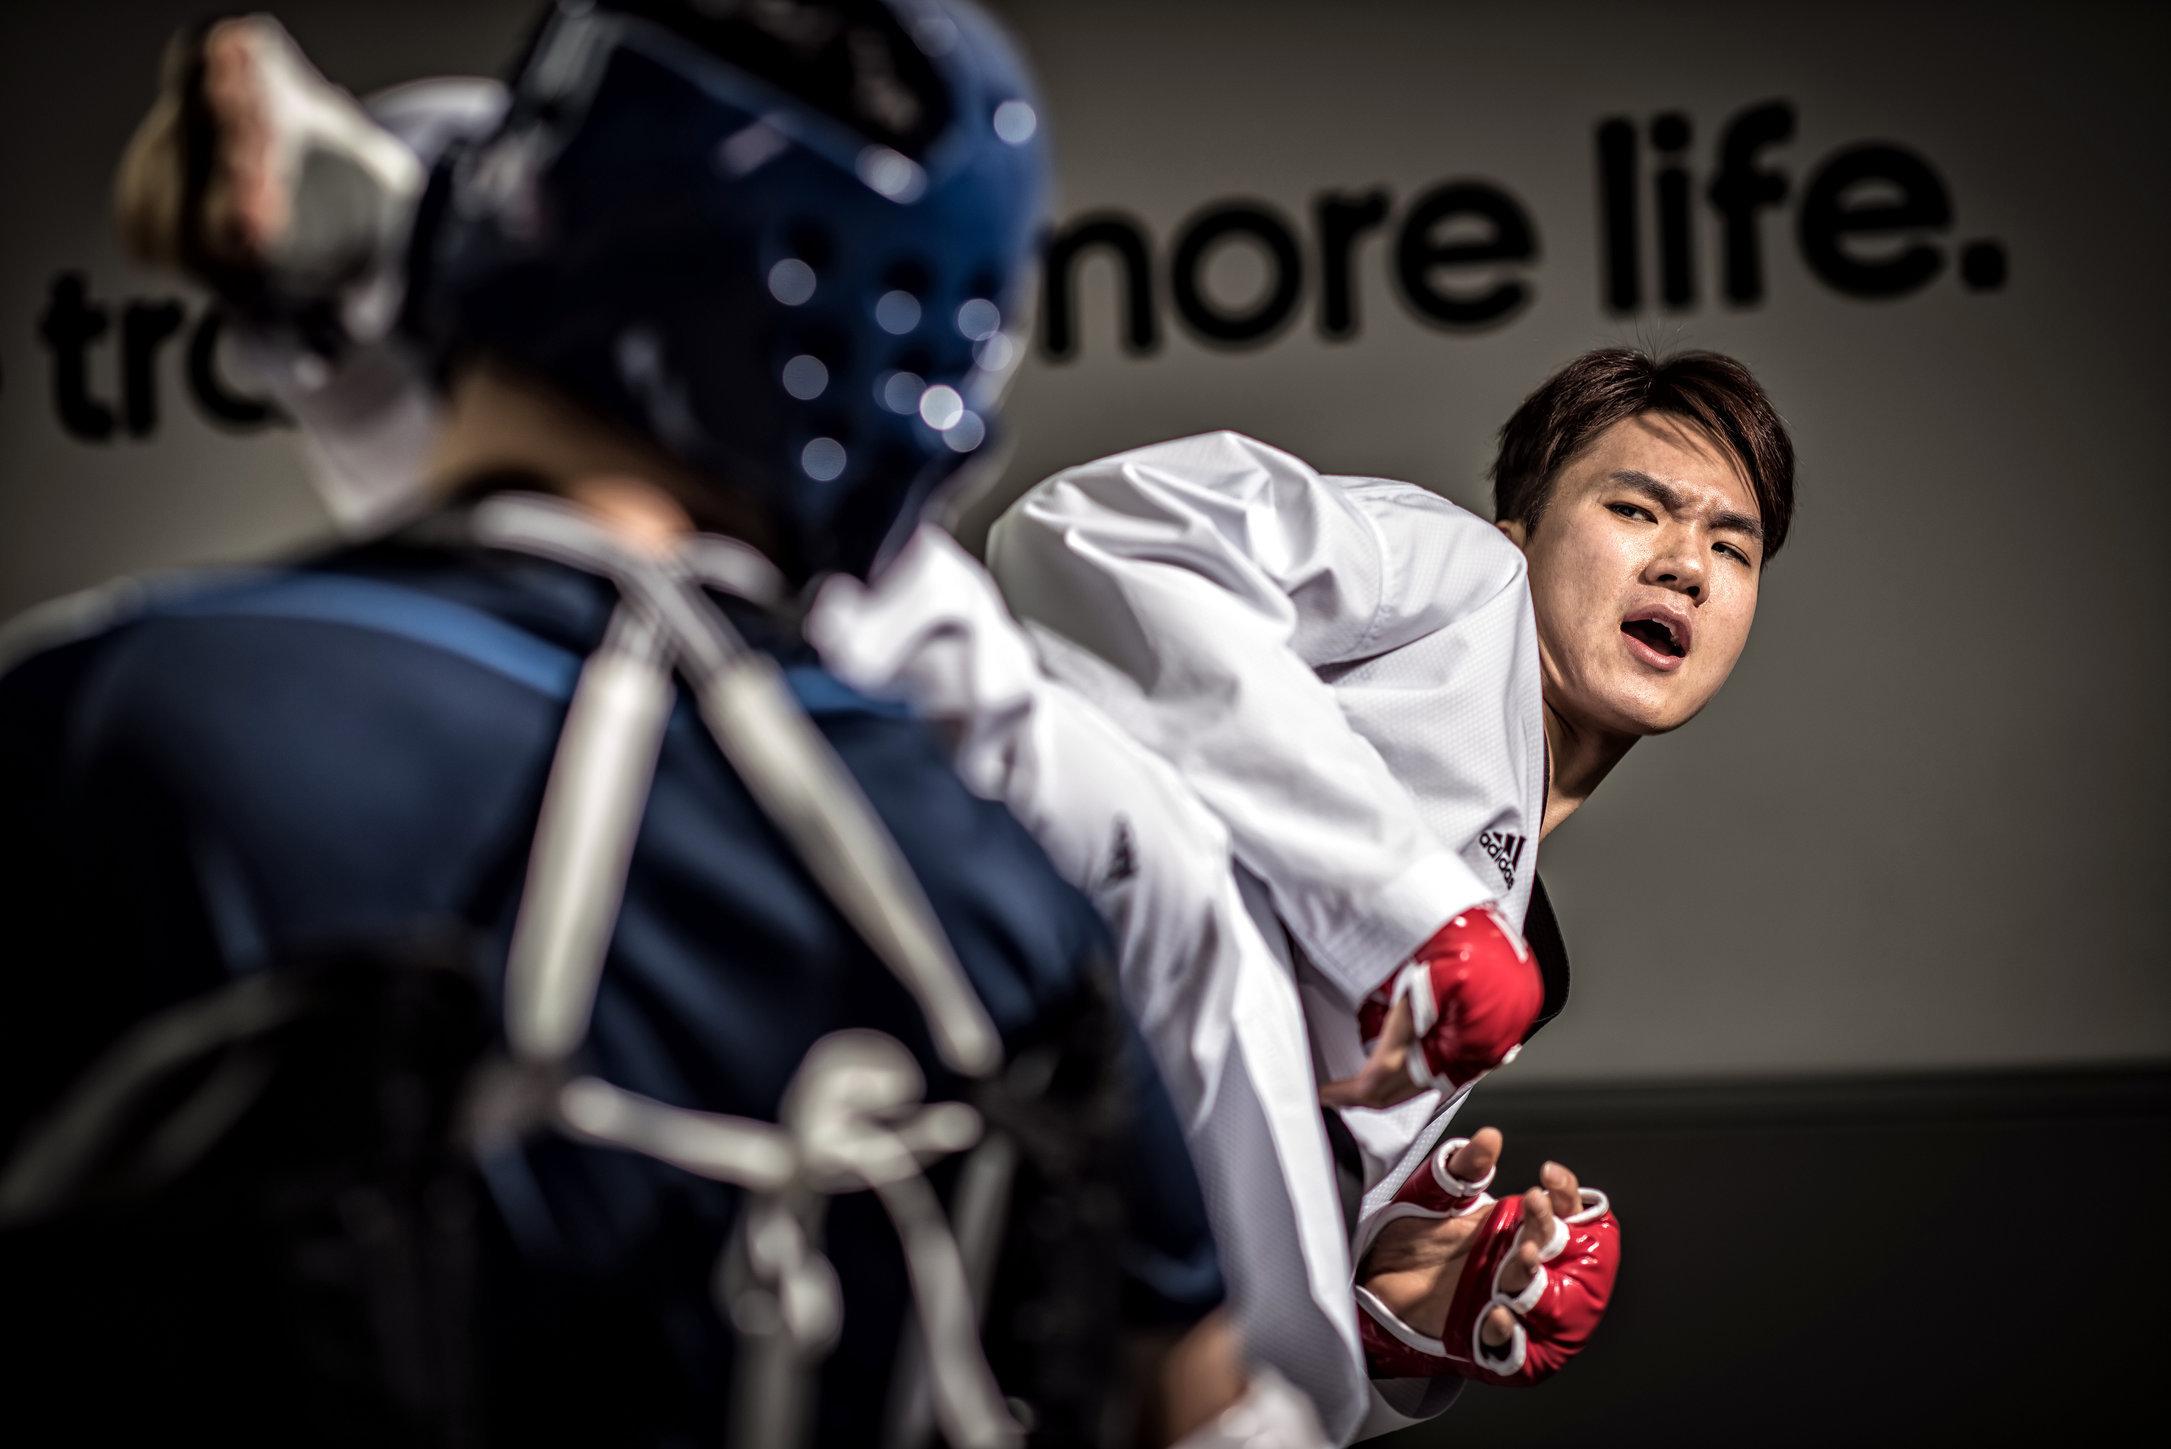 Taekwondo_012.jpg